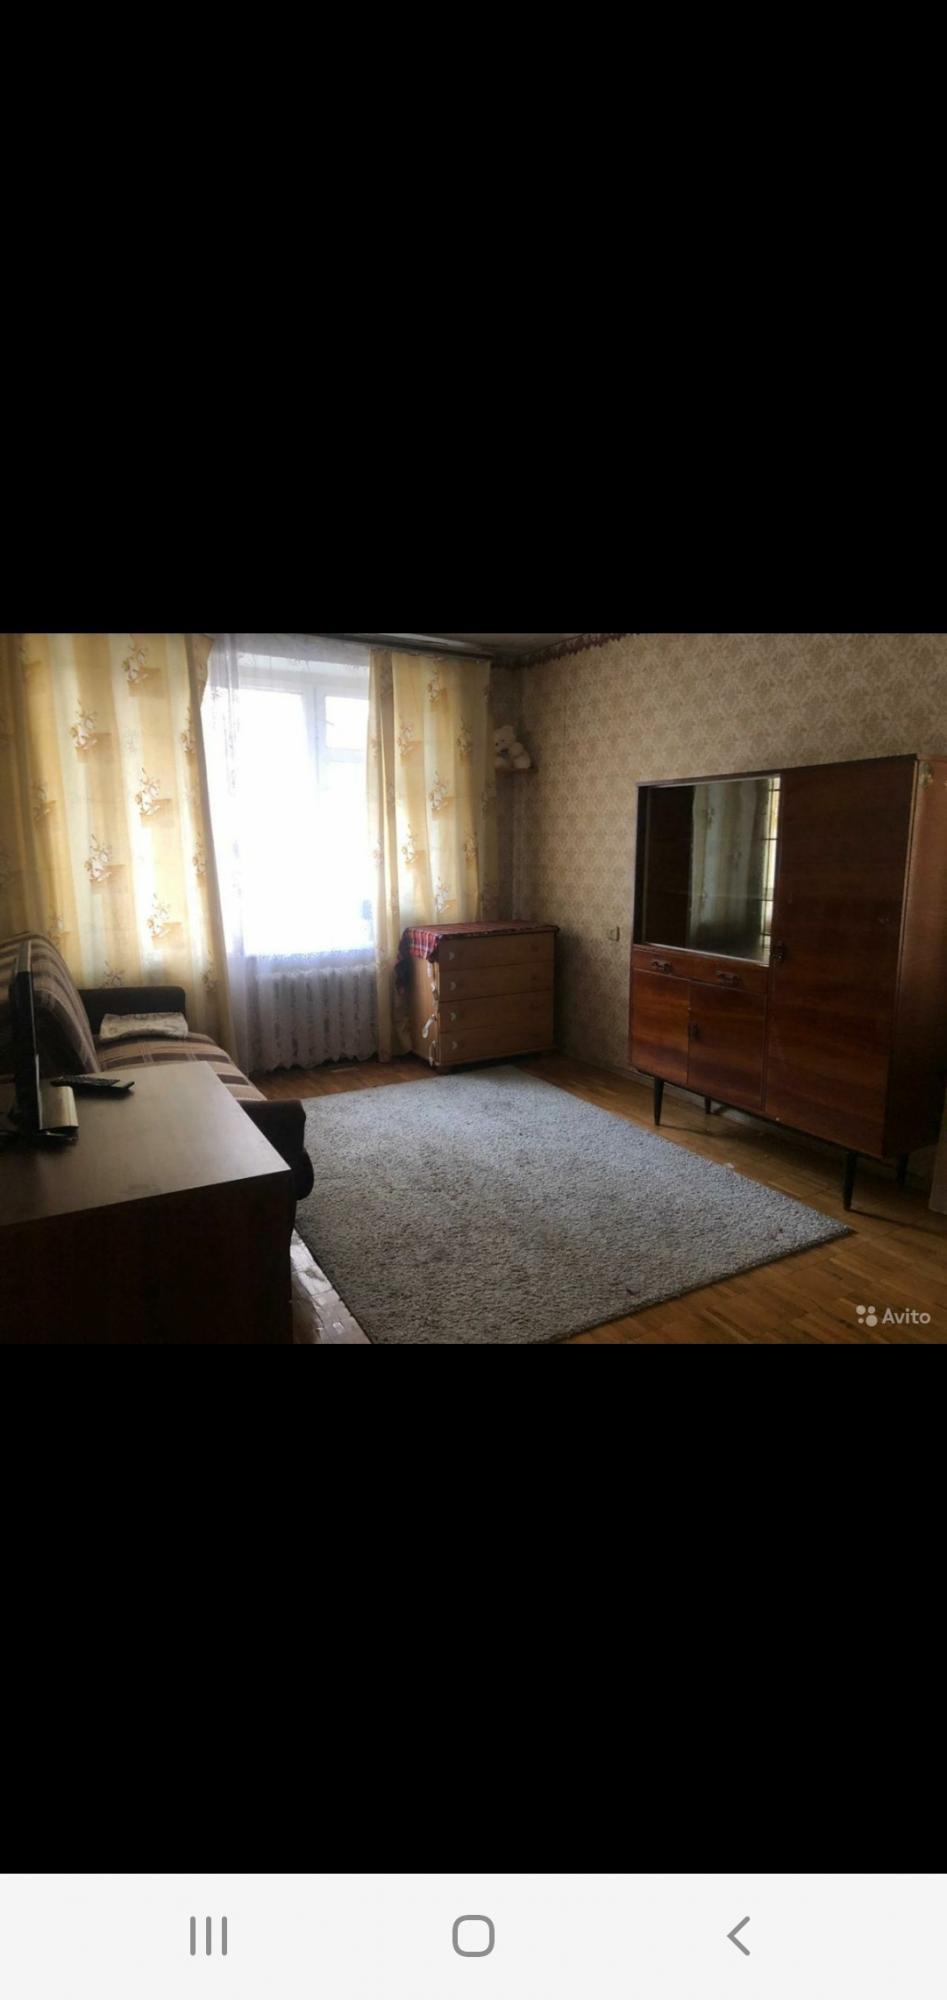 Квартира, 2 комнаты, 39.8 м² в Москве 89258375303 купить 1